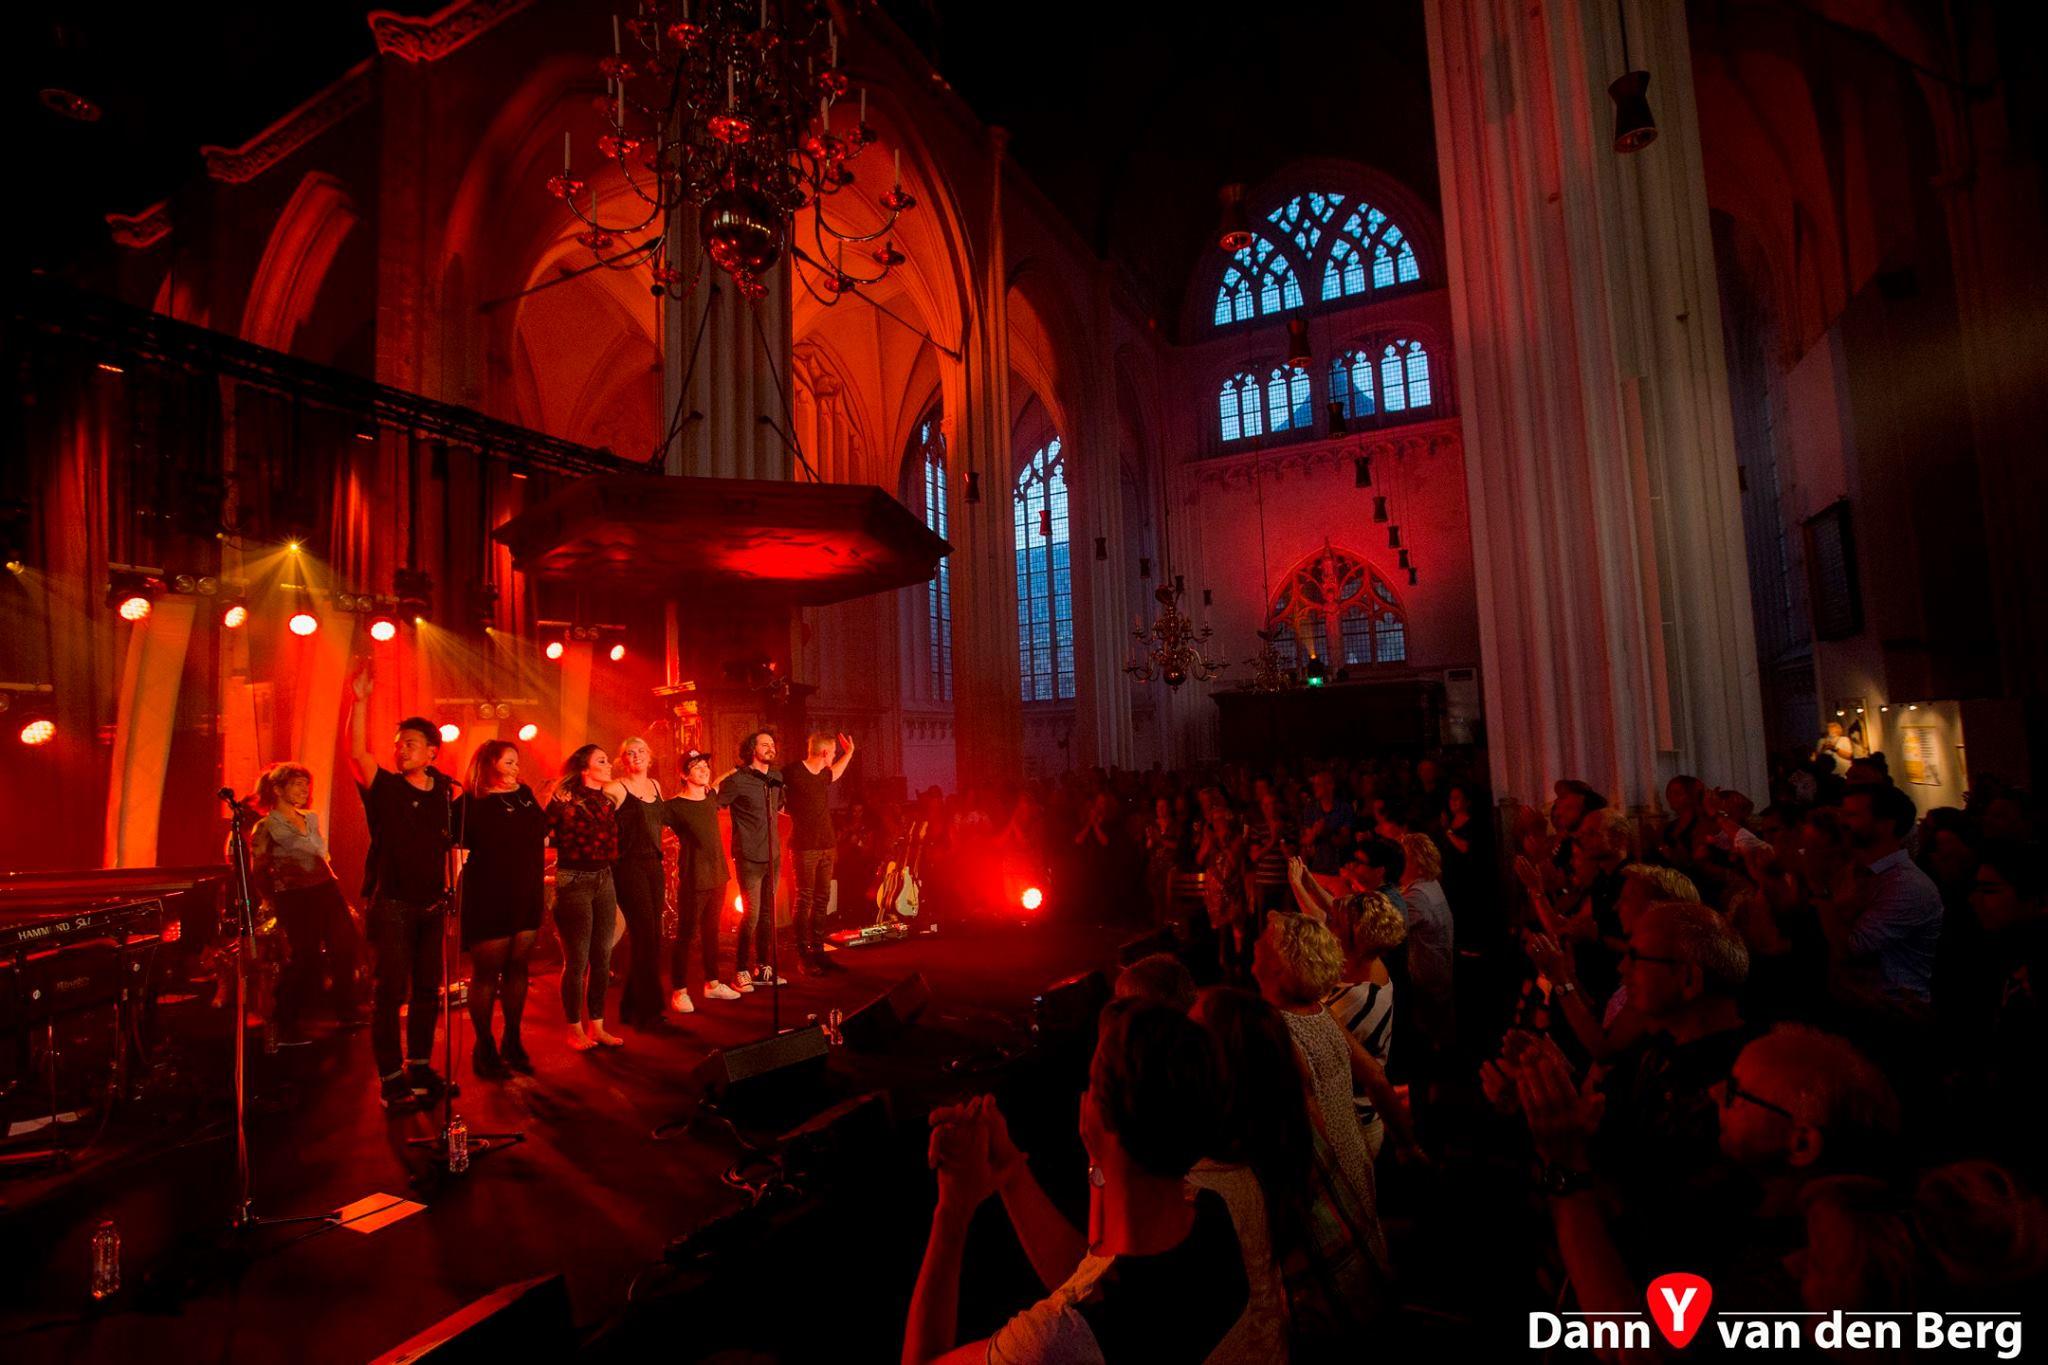 Lisa Loïs en band op het podium in St. Stevenskerk 2017